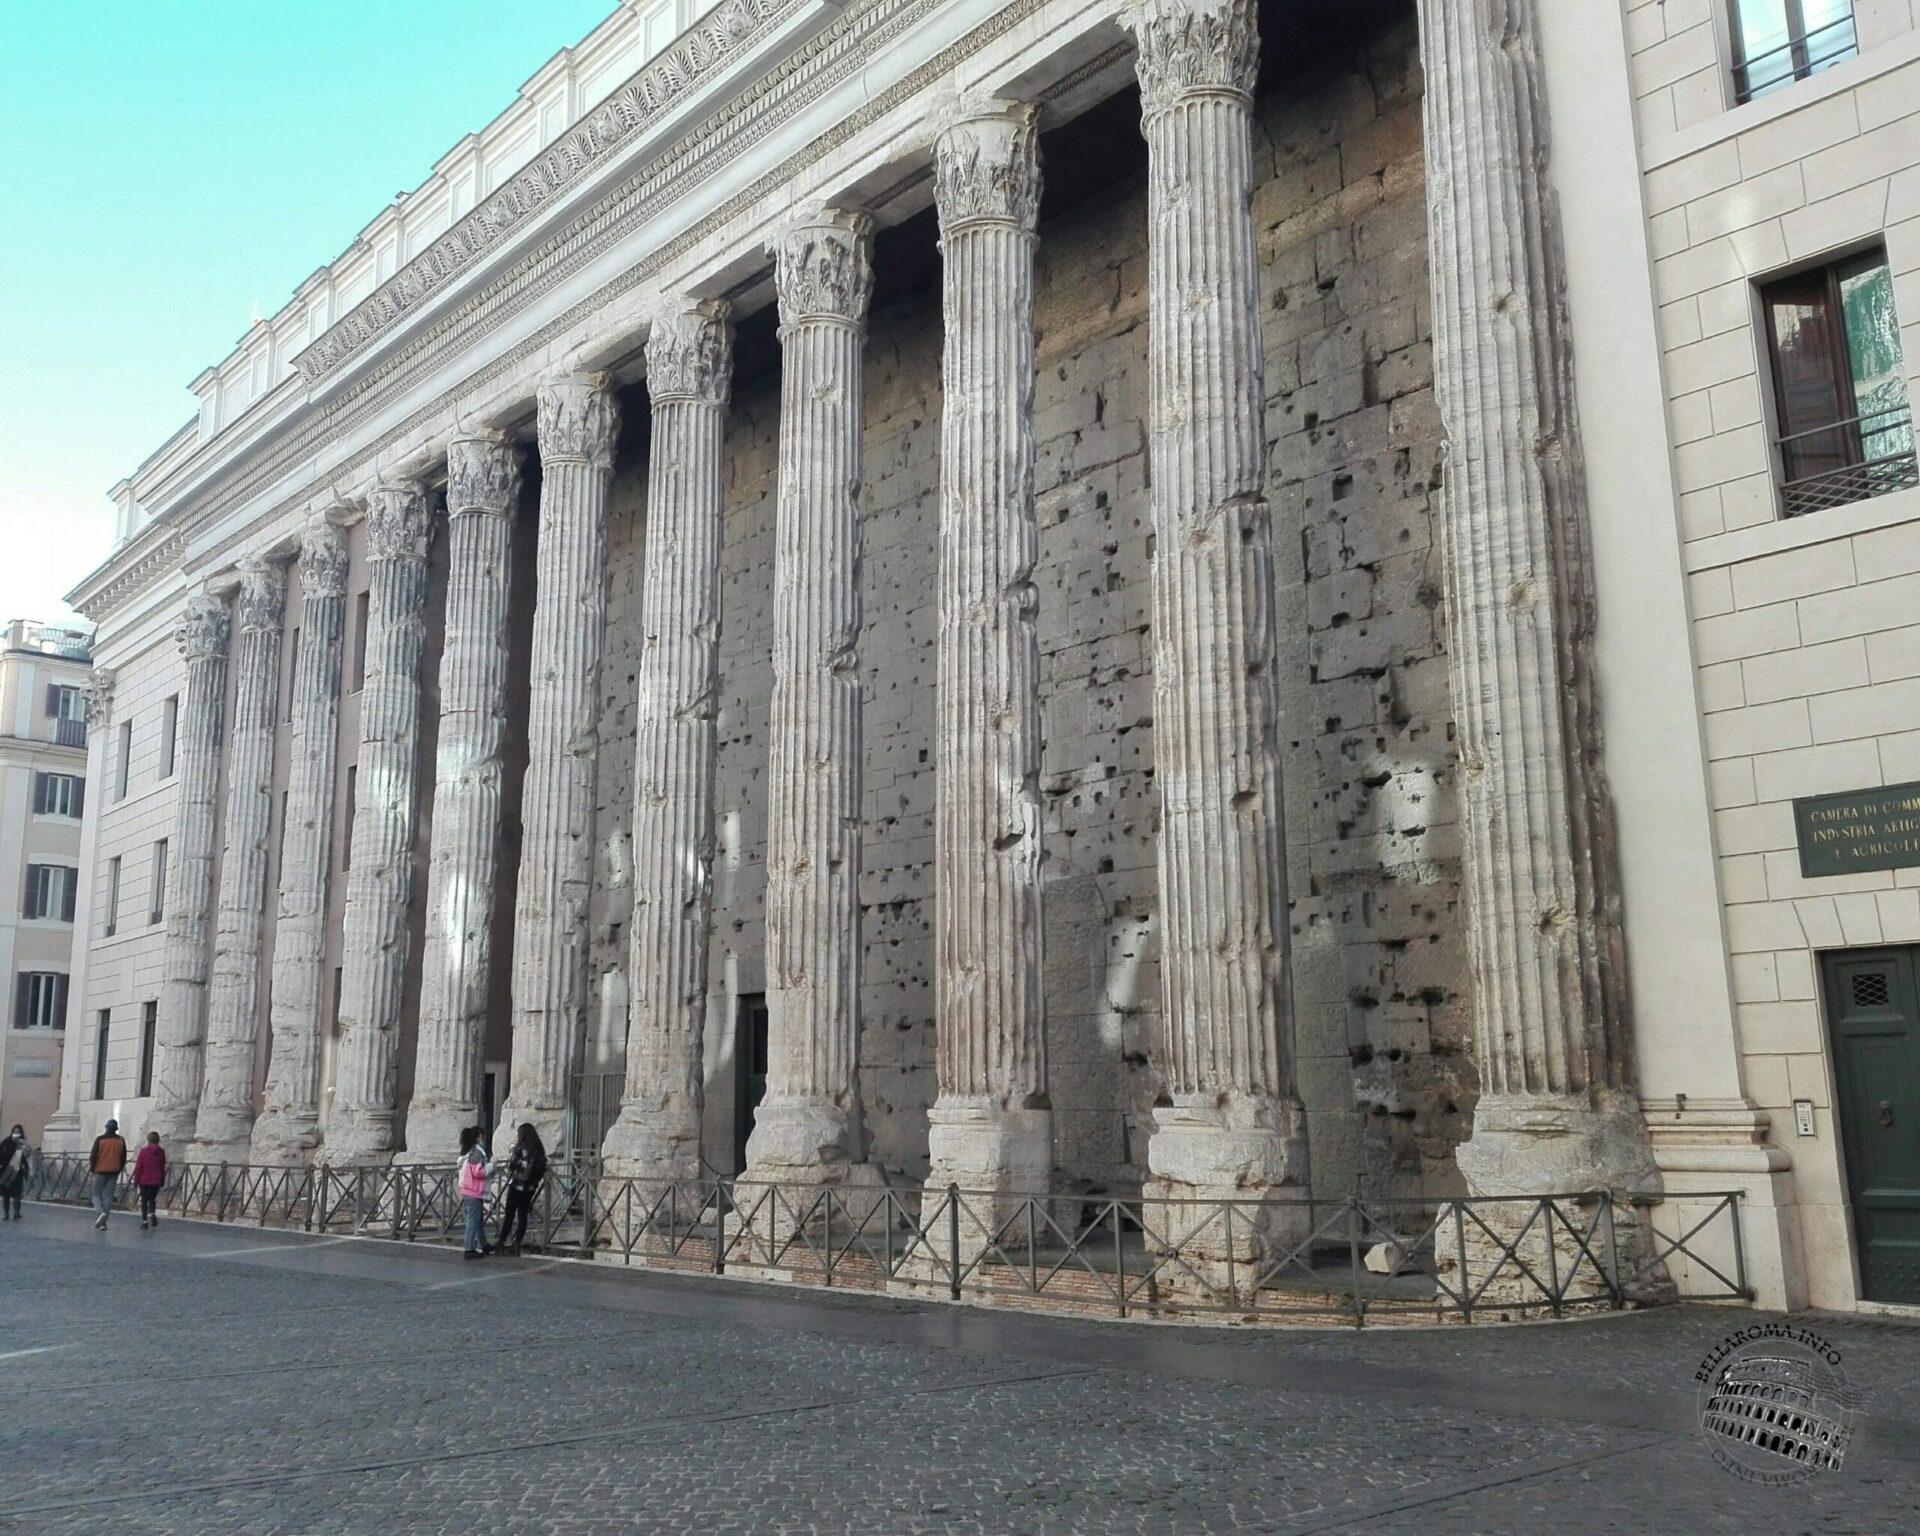 Tempio di Adriano, Piazza di Pietra